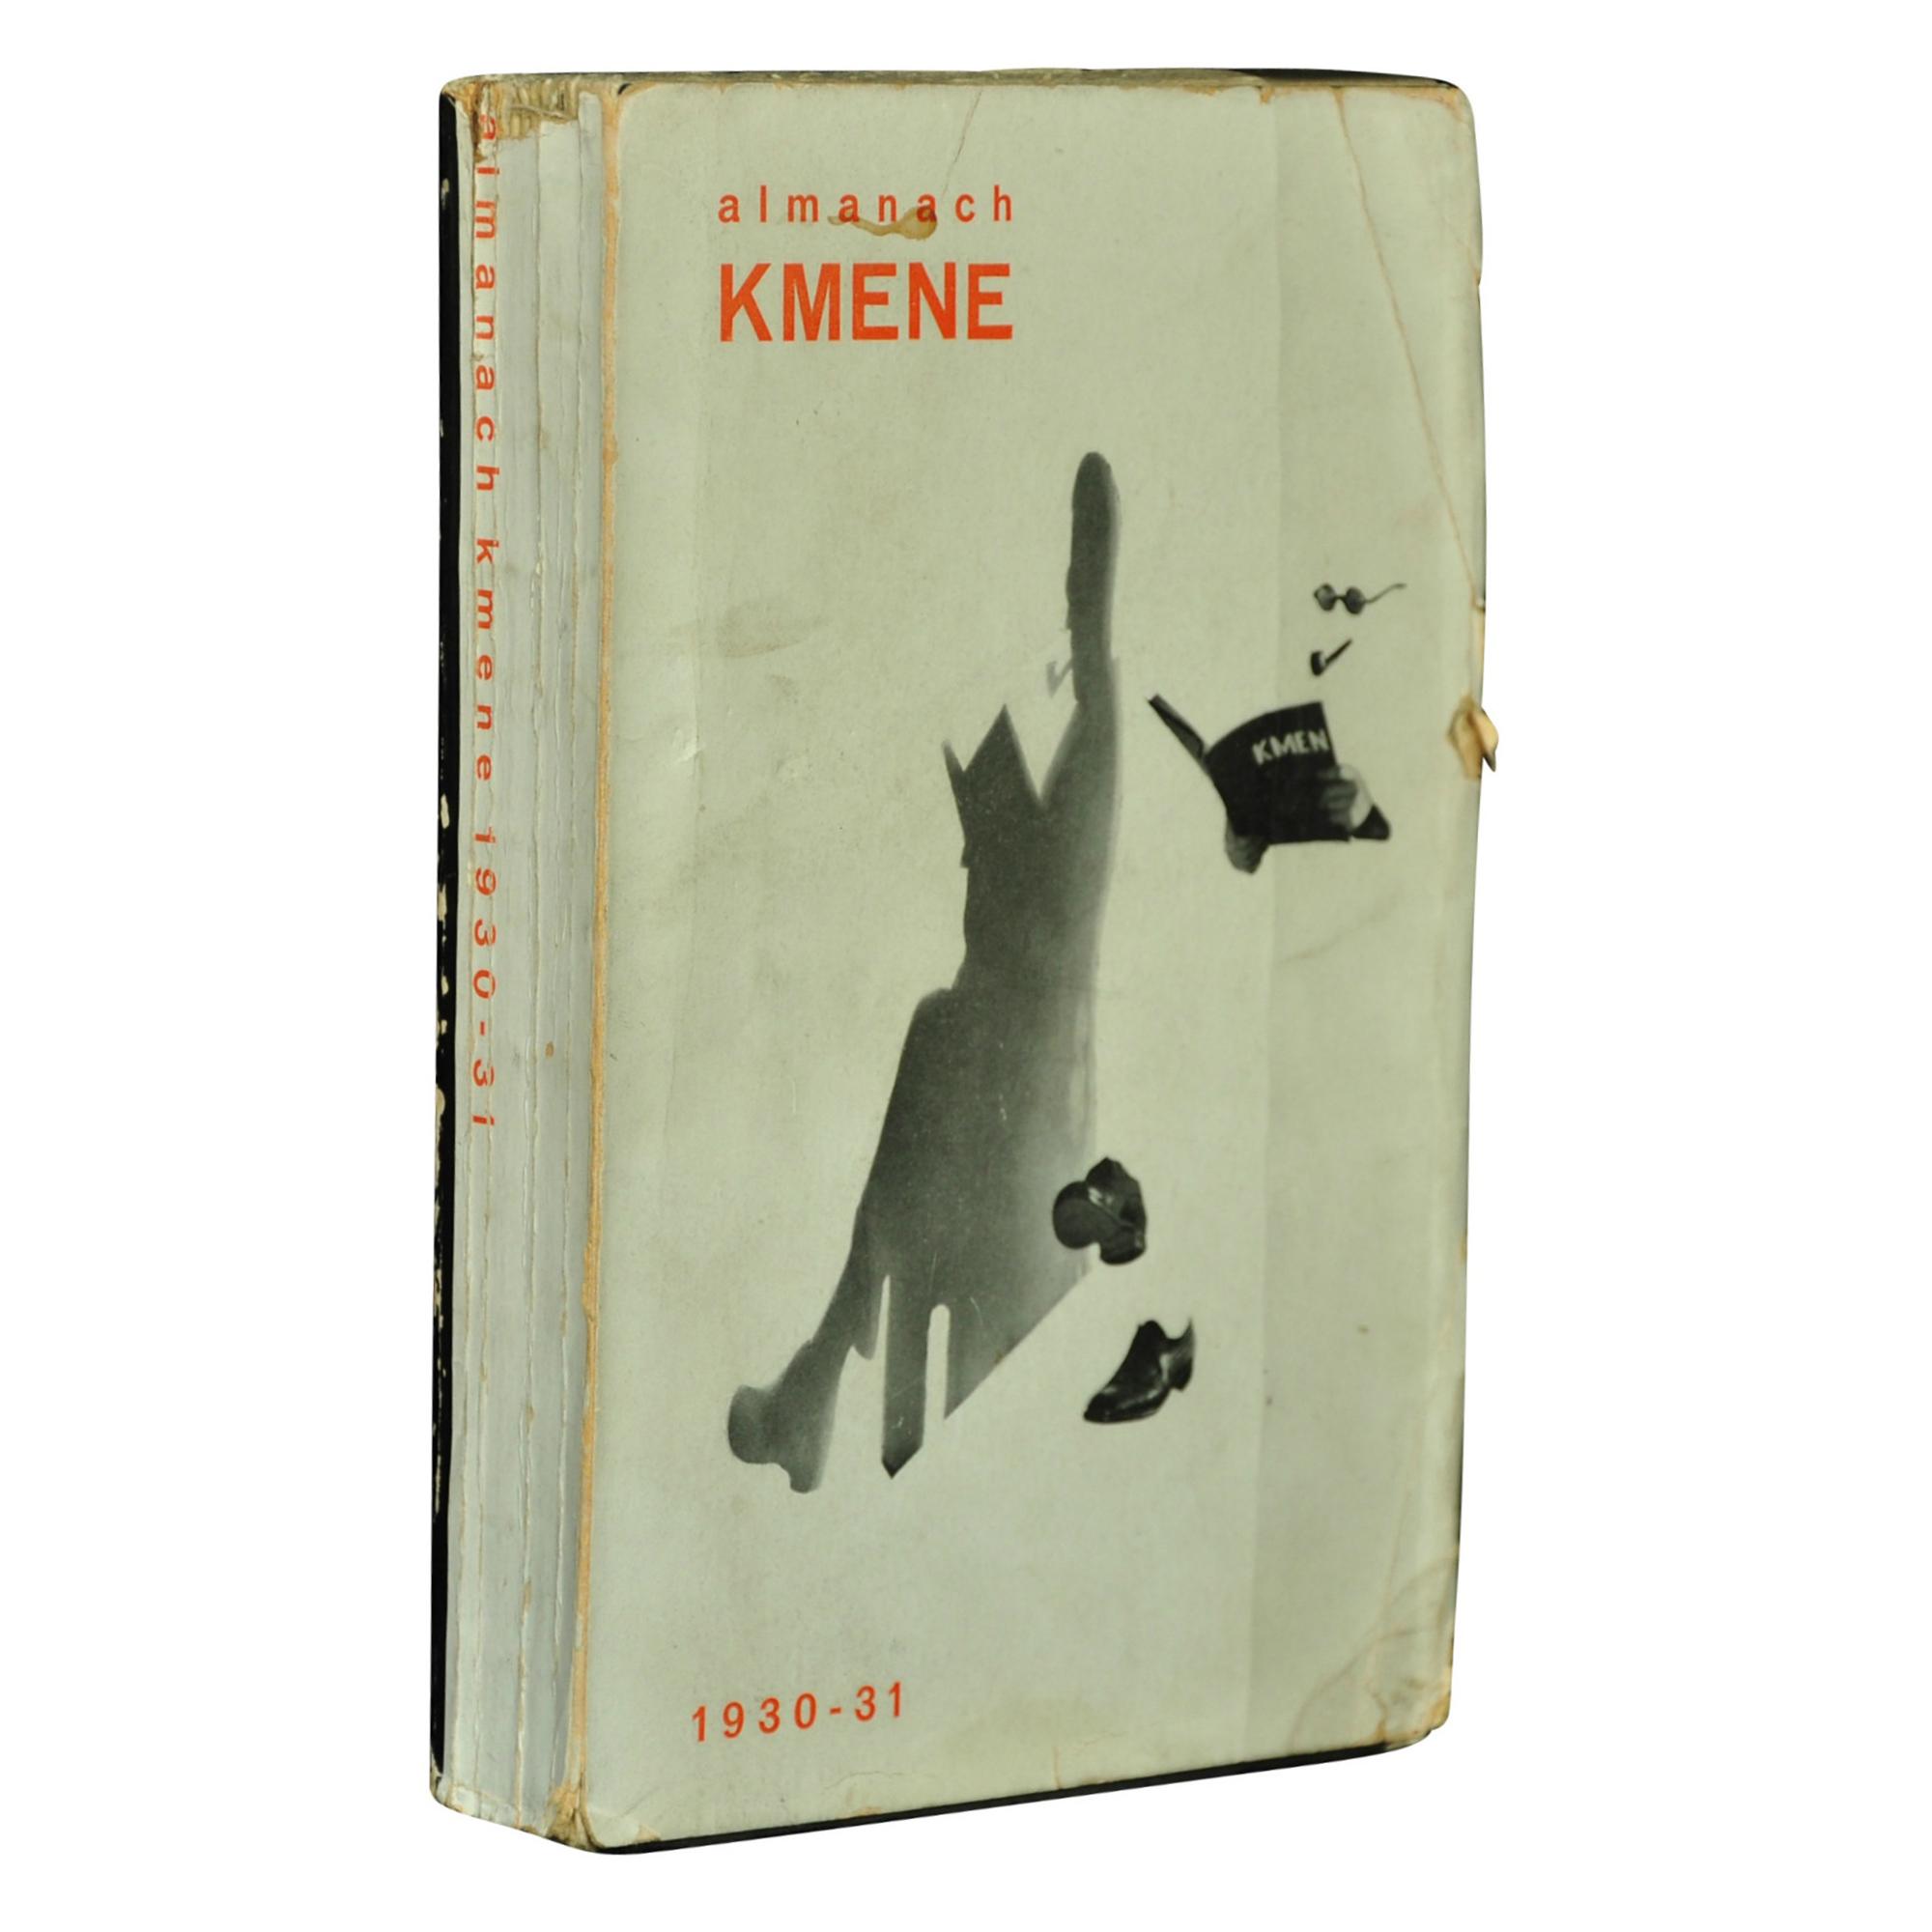 32-1357-Teige-Sudek-Almanach-Kmene-1930-1.jpg